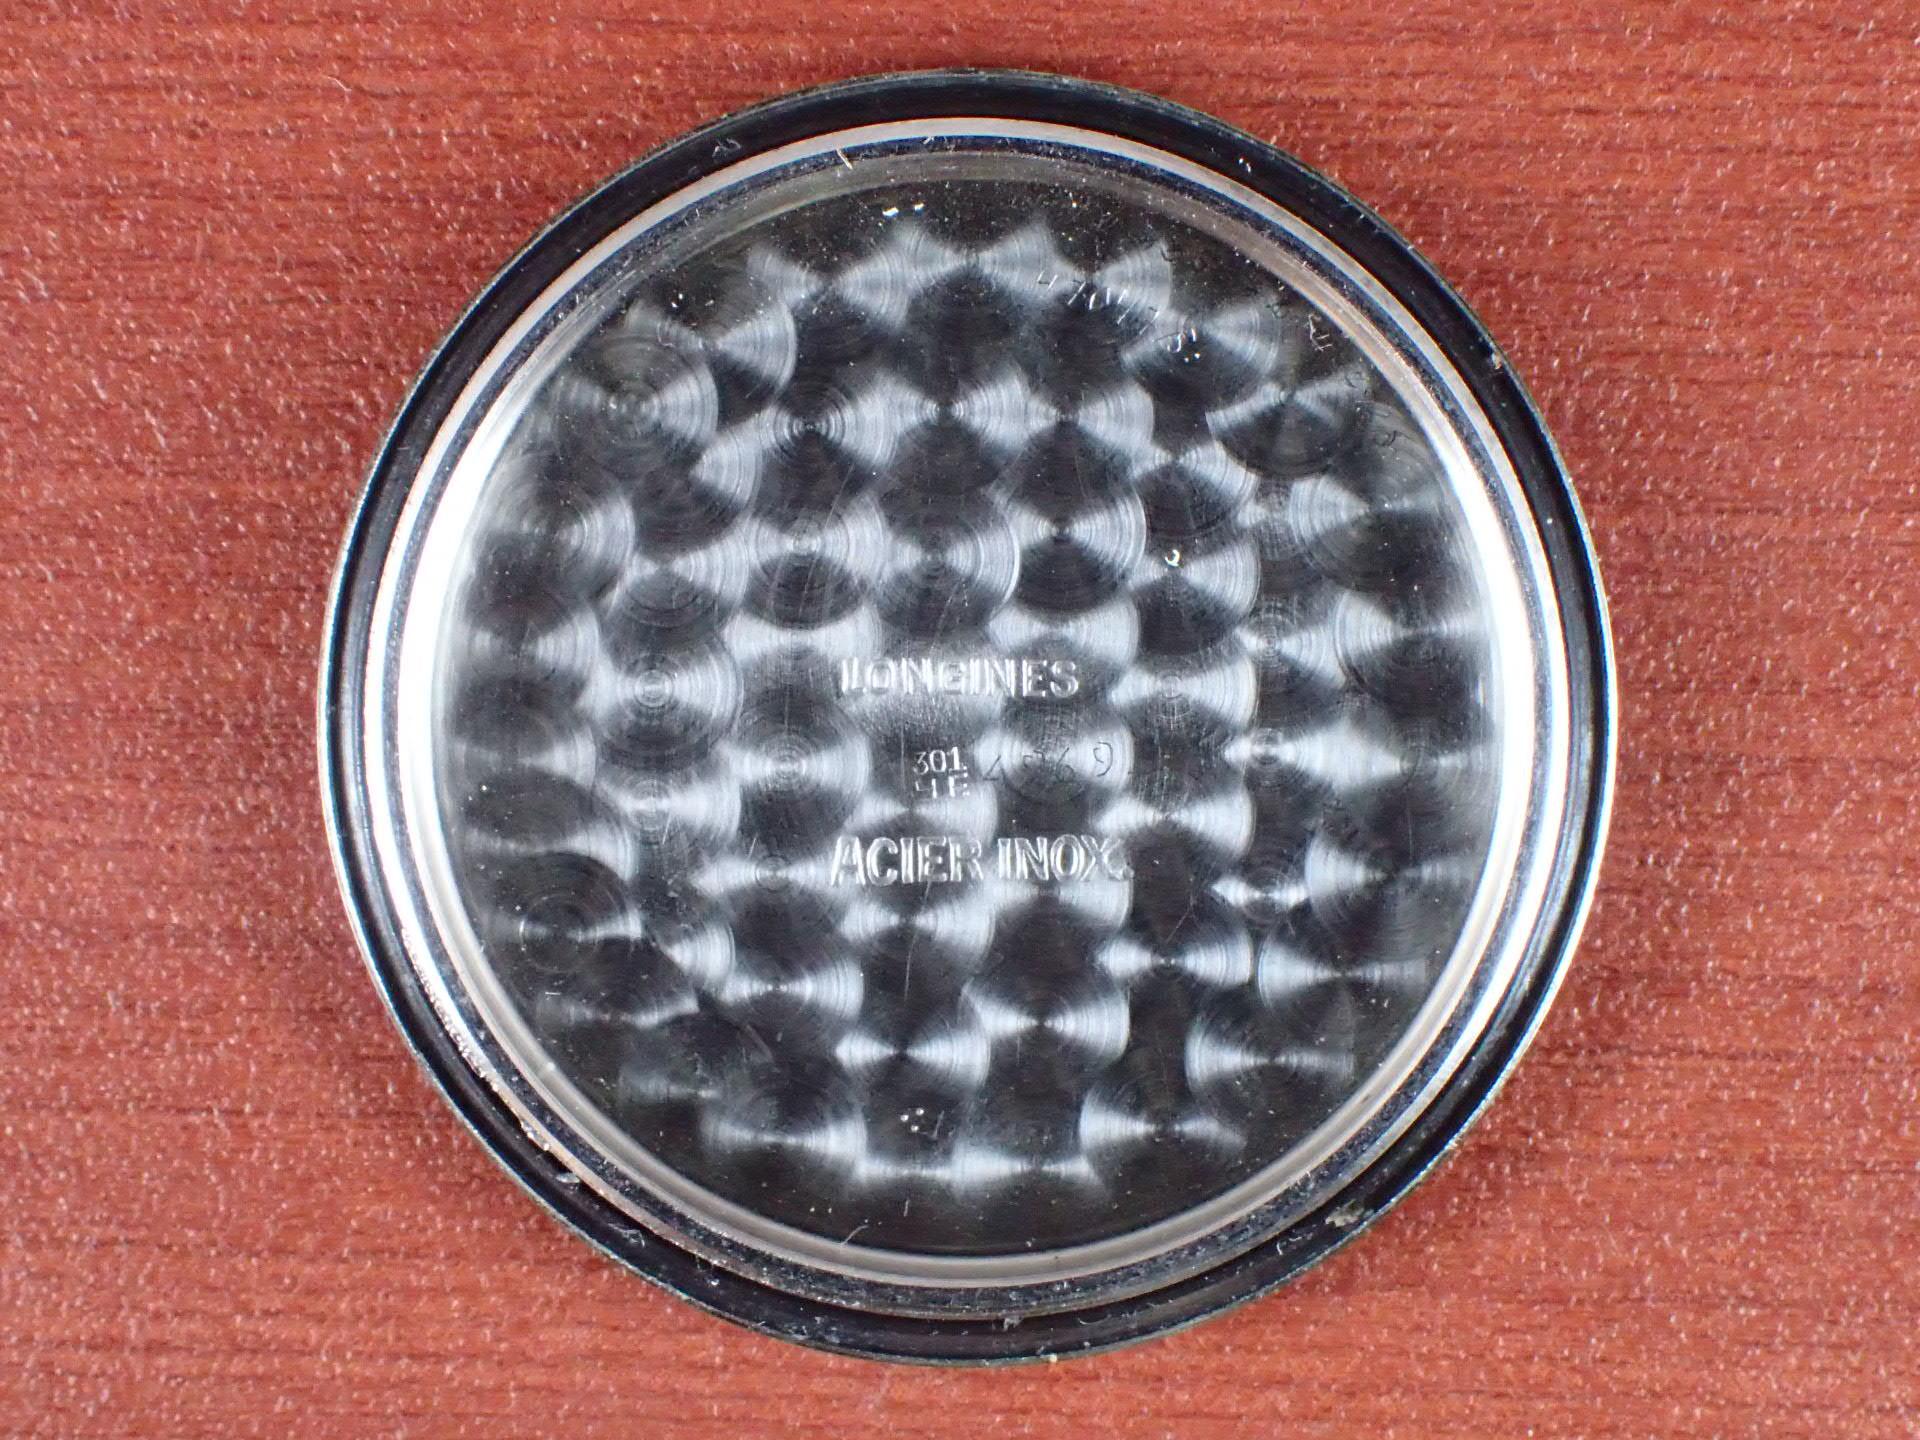 ロンジン ブルズアイ ブラック/グレー Cal.12.68Z 1940年代の写真6枚目